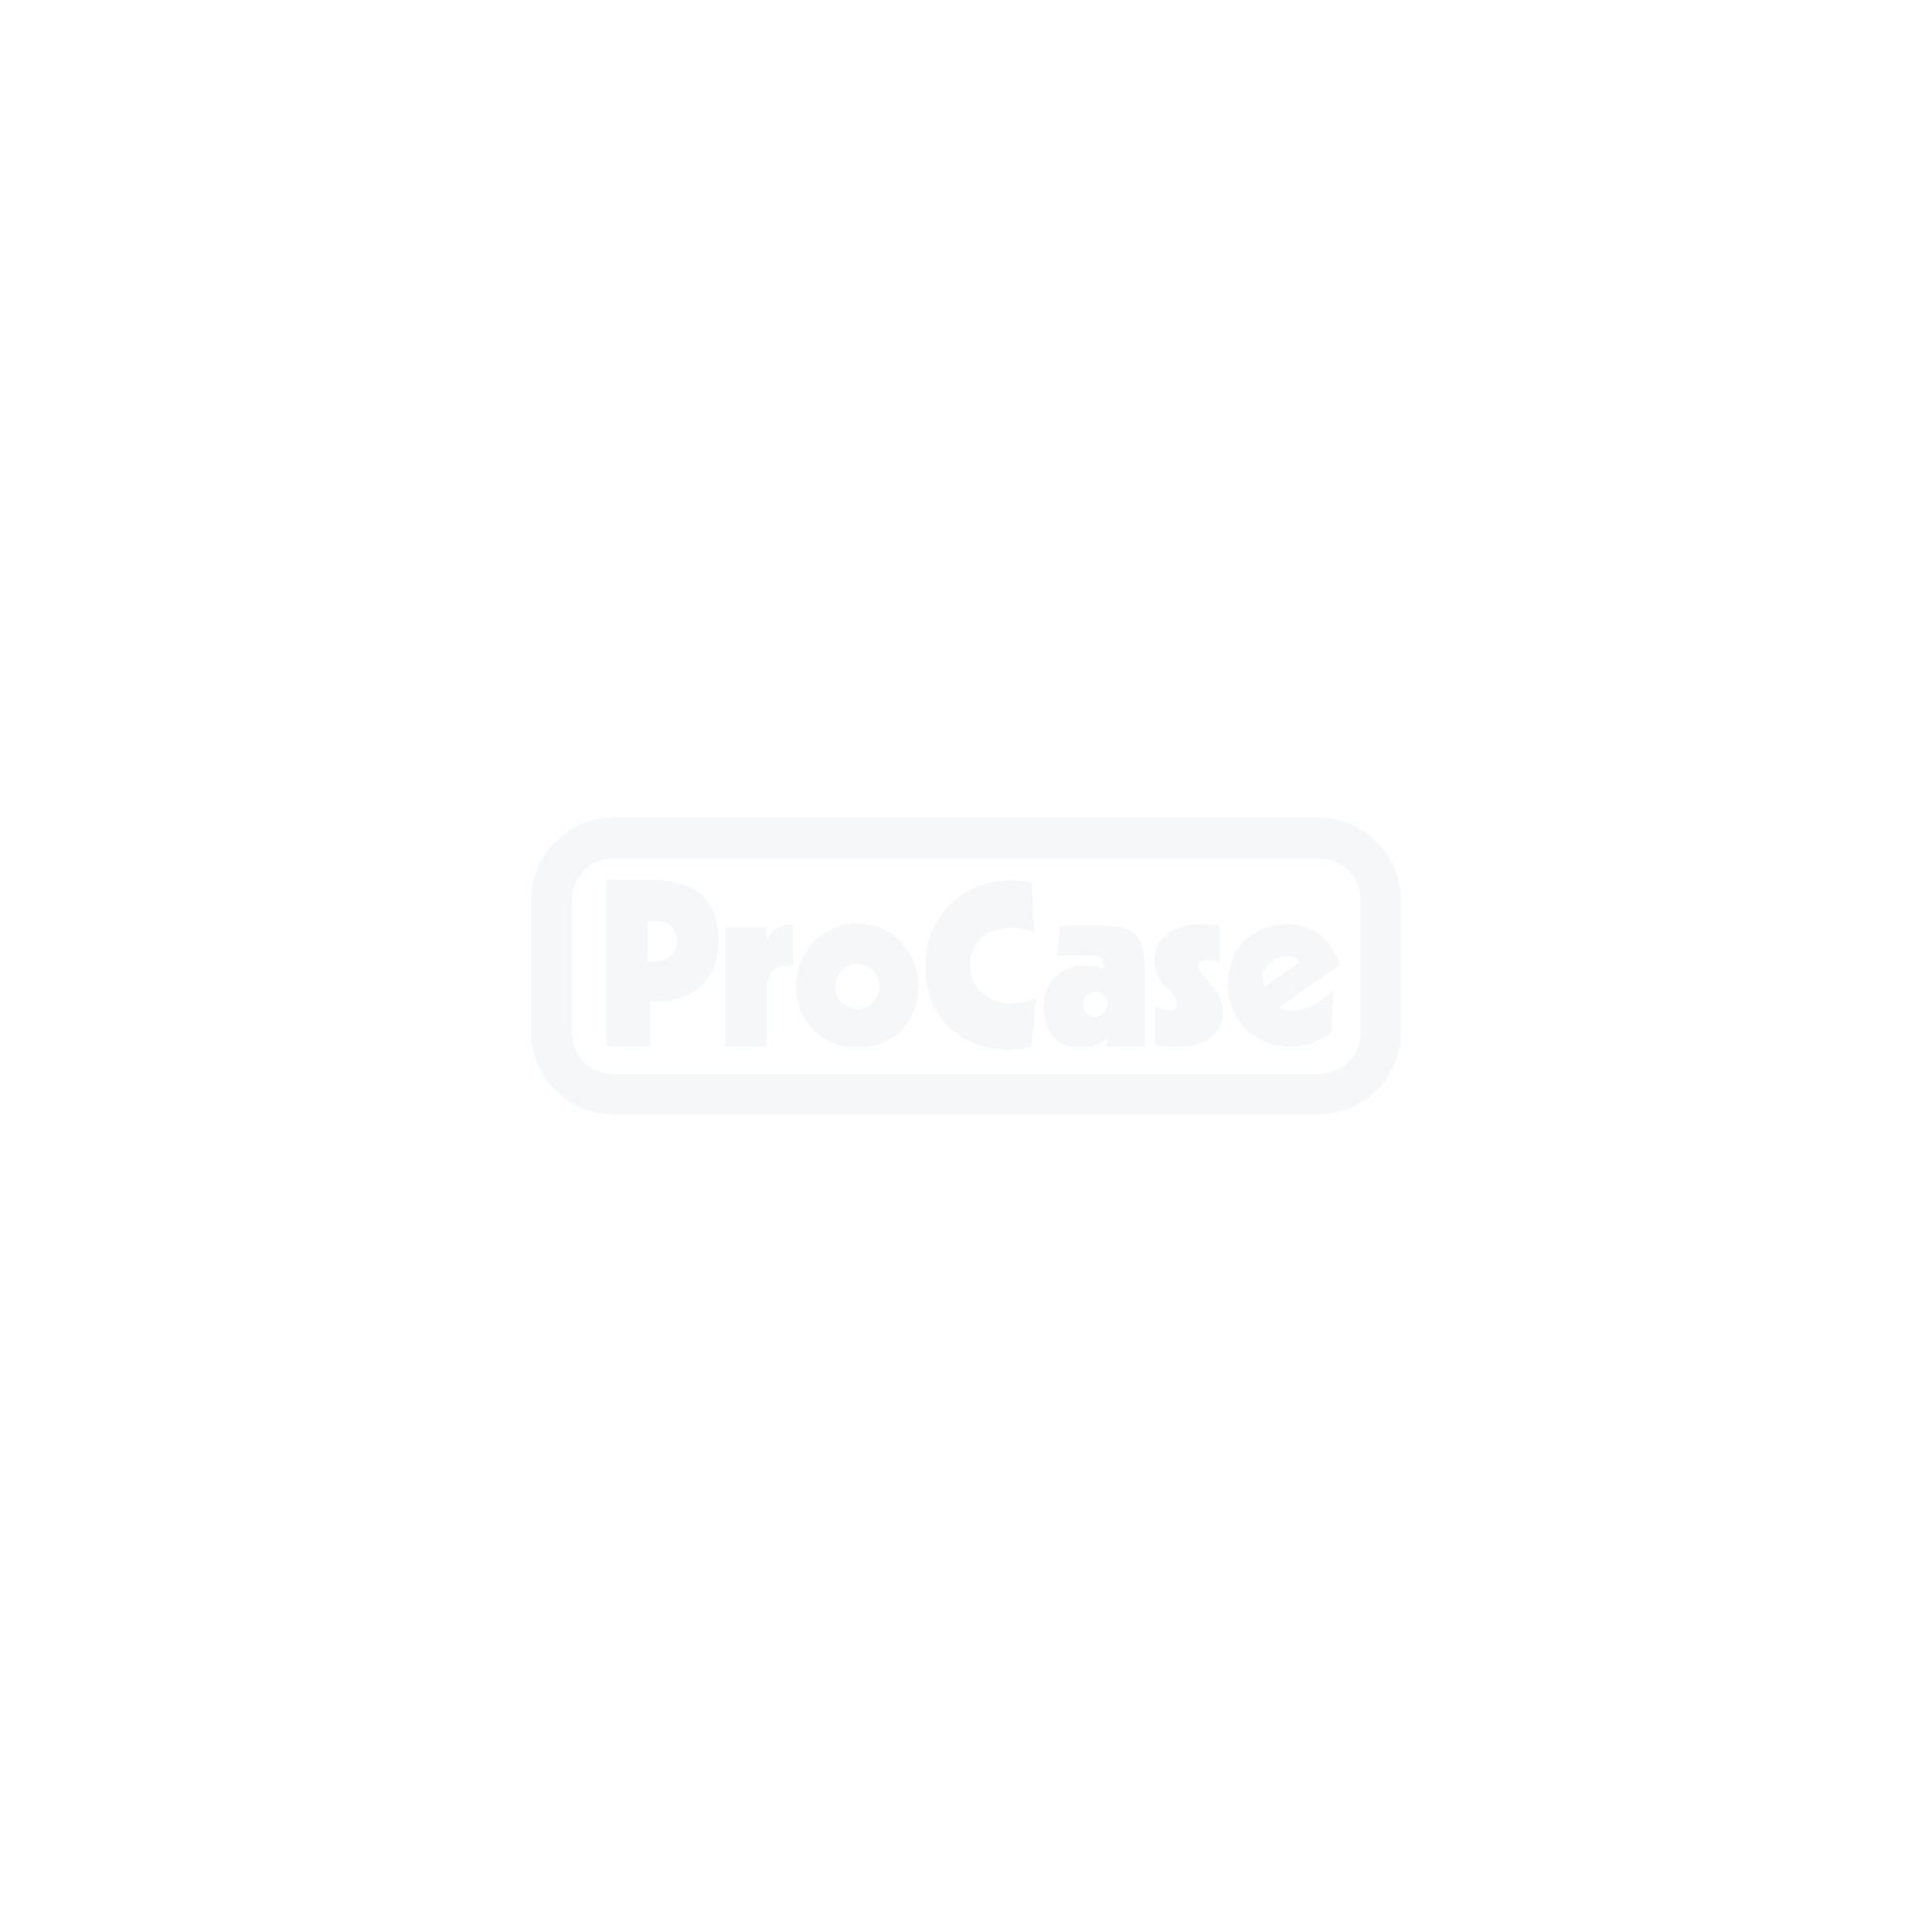 Transportwagen für Lägler Parkettschleifmaschine